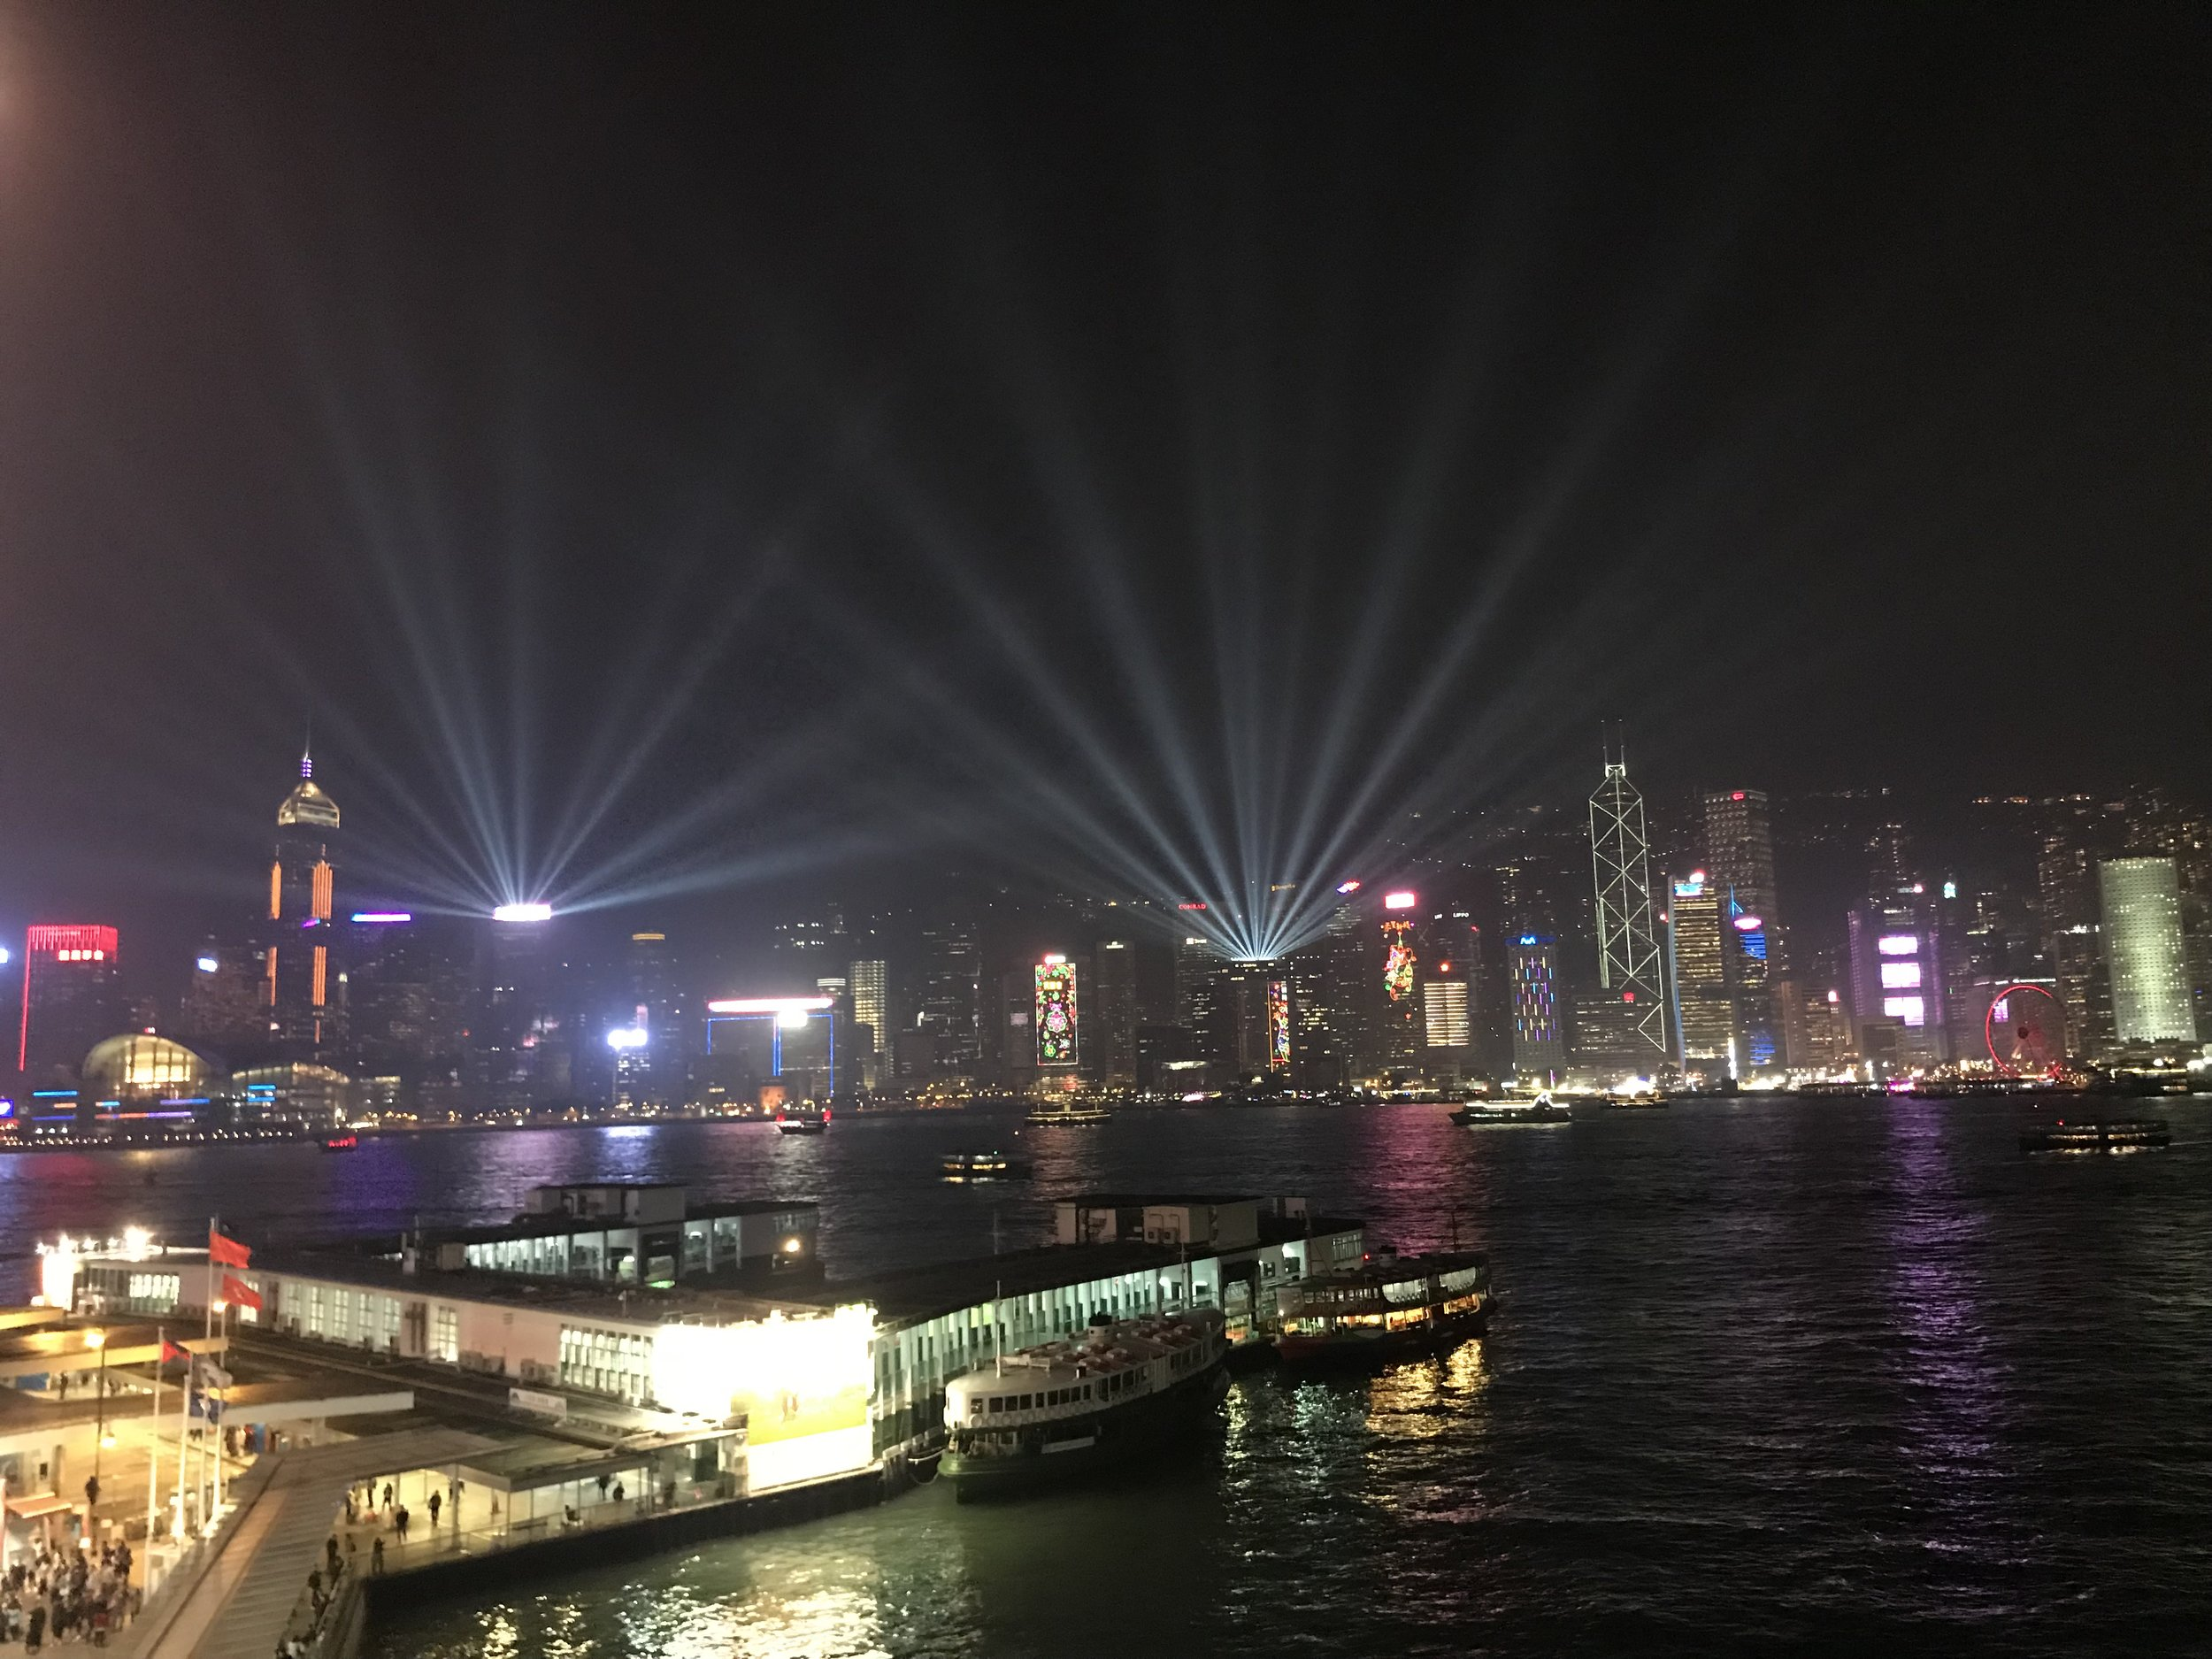 Từ tầng thượng của một nhà hàng tại Kowloon nhìn qua hướng đảo Hong Kong.